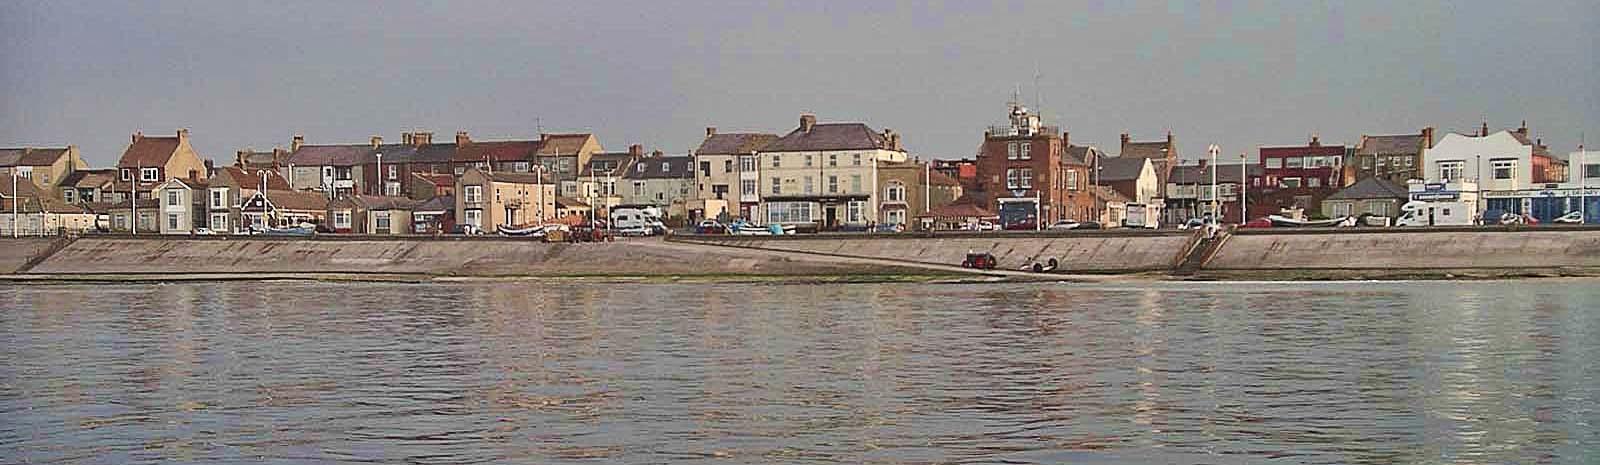 3138 Promenade for the sea.jpg